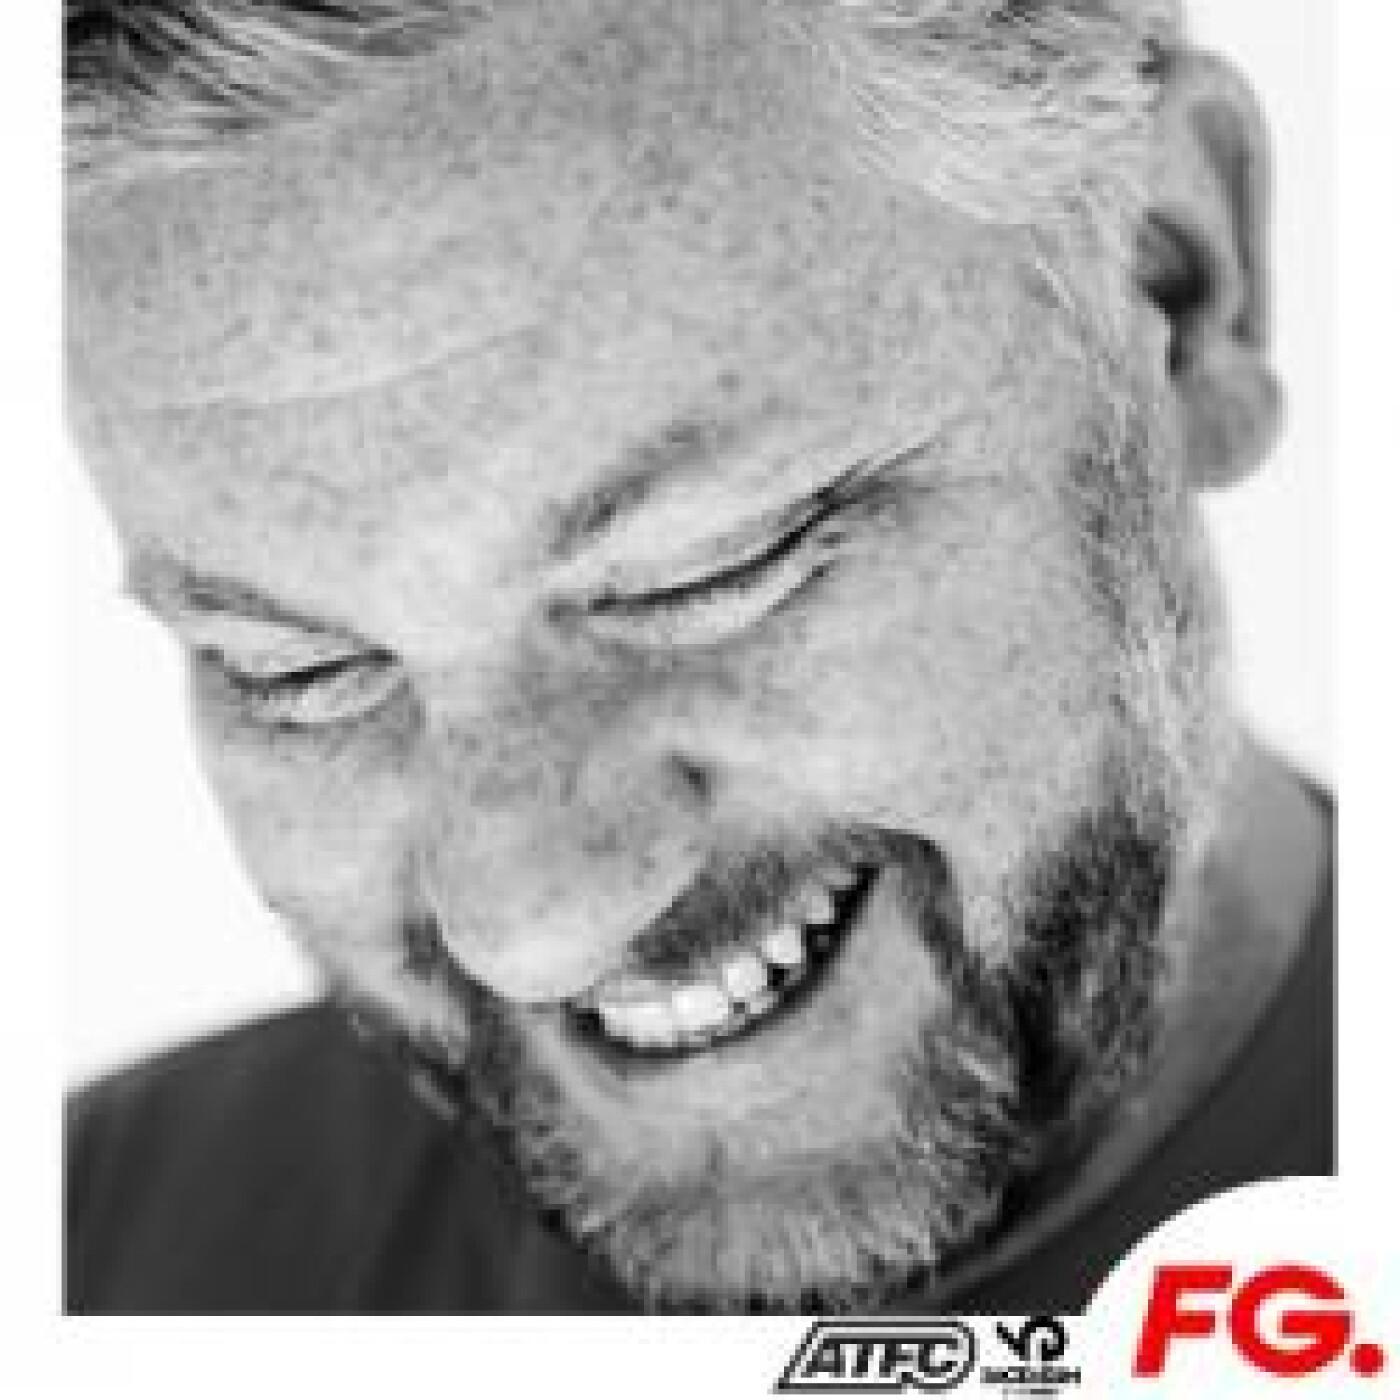 CLUB FG : ATFC